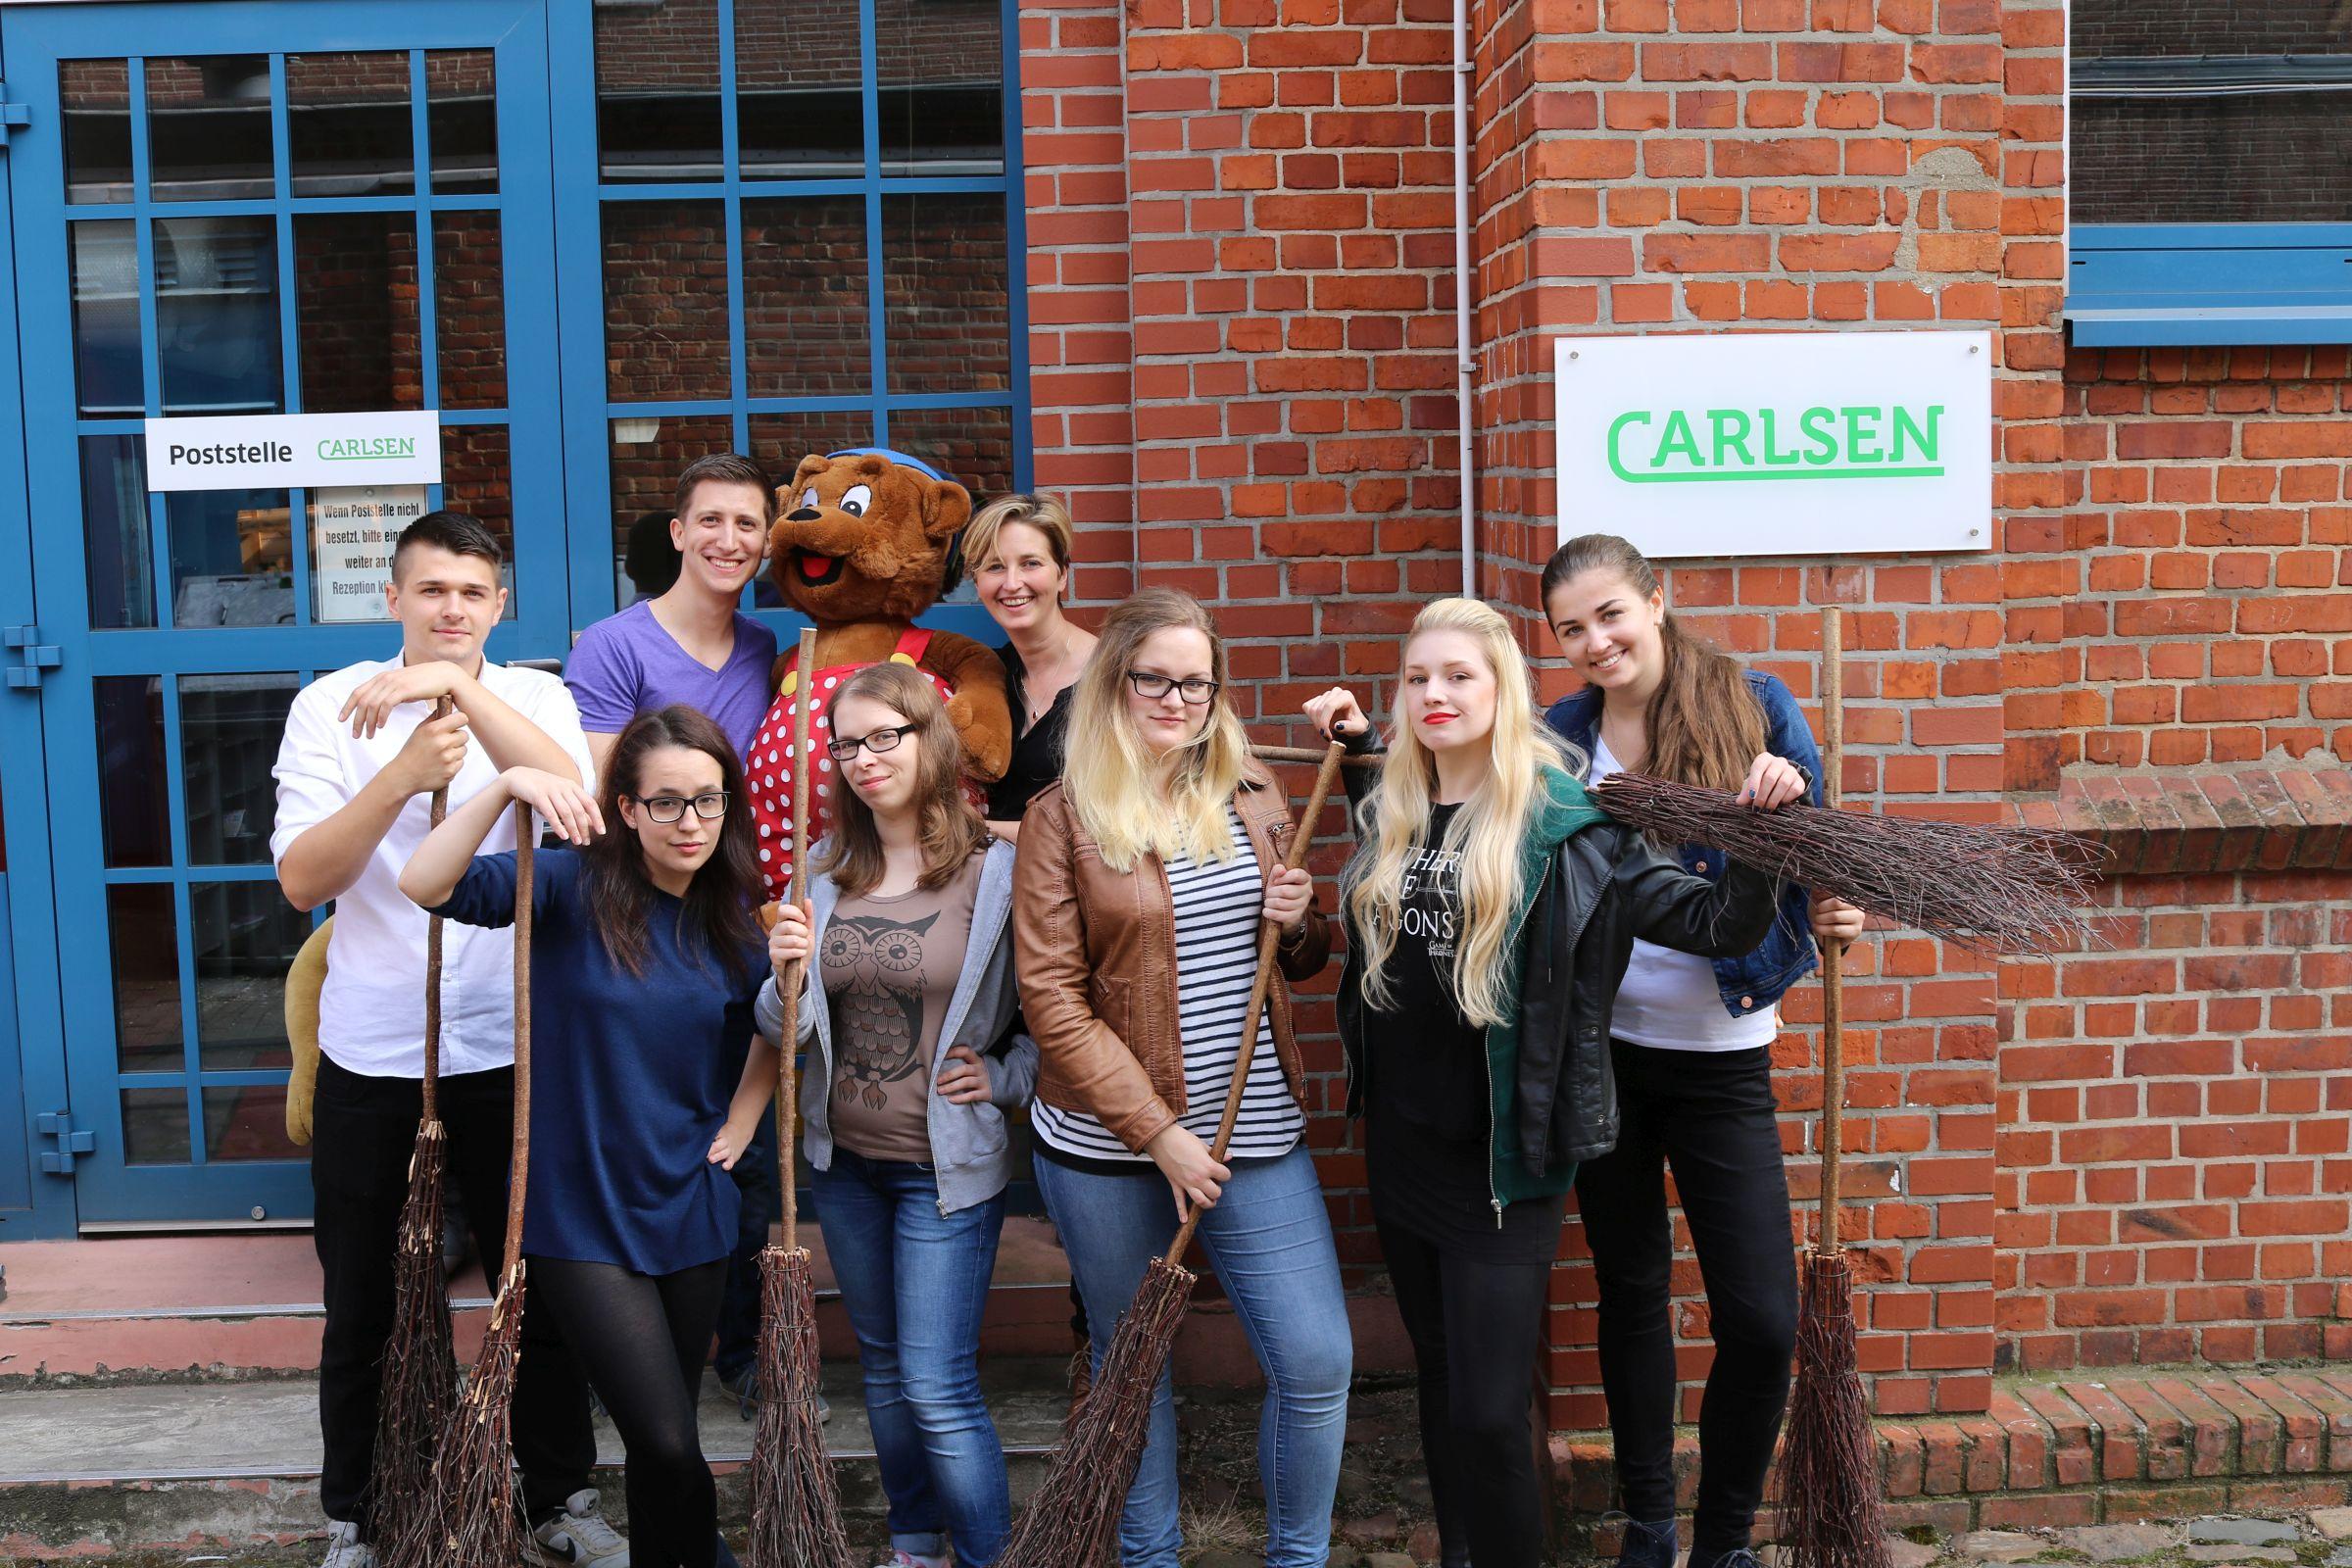 #Potternacht, Hamburg und Besichtigung des Carlsen Verlags